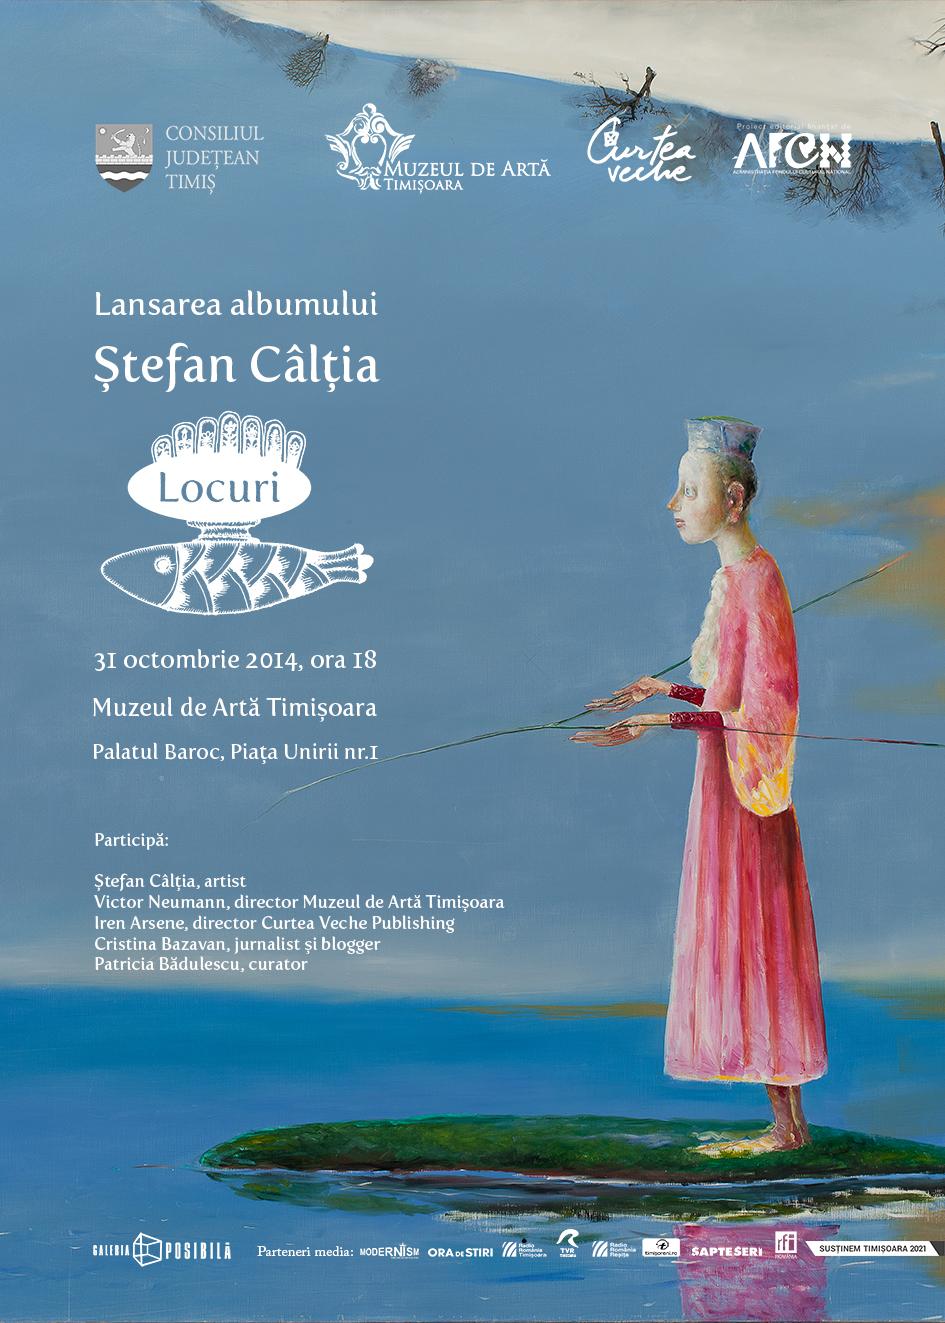 Ştefan Câlţia. Locuri – Lansare de album @ Muzeul de Artă Timişoara